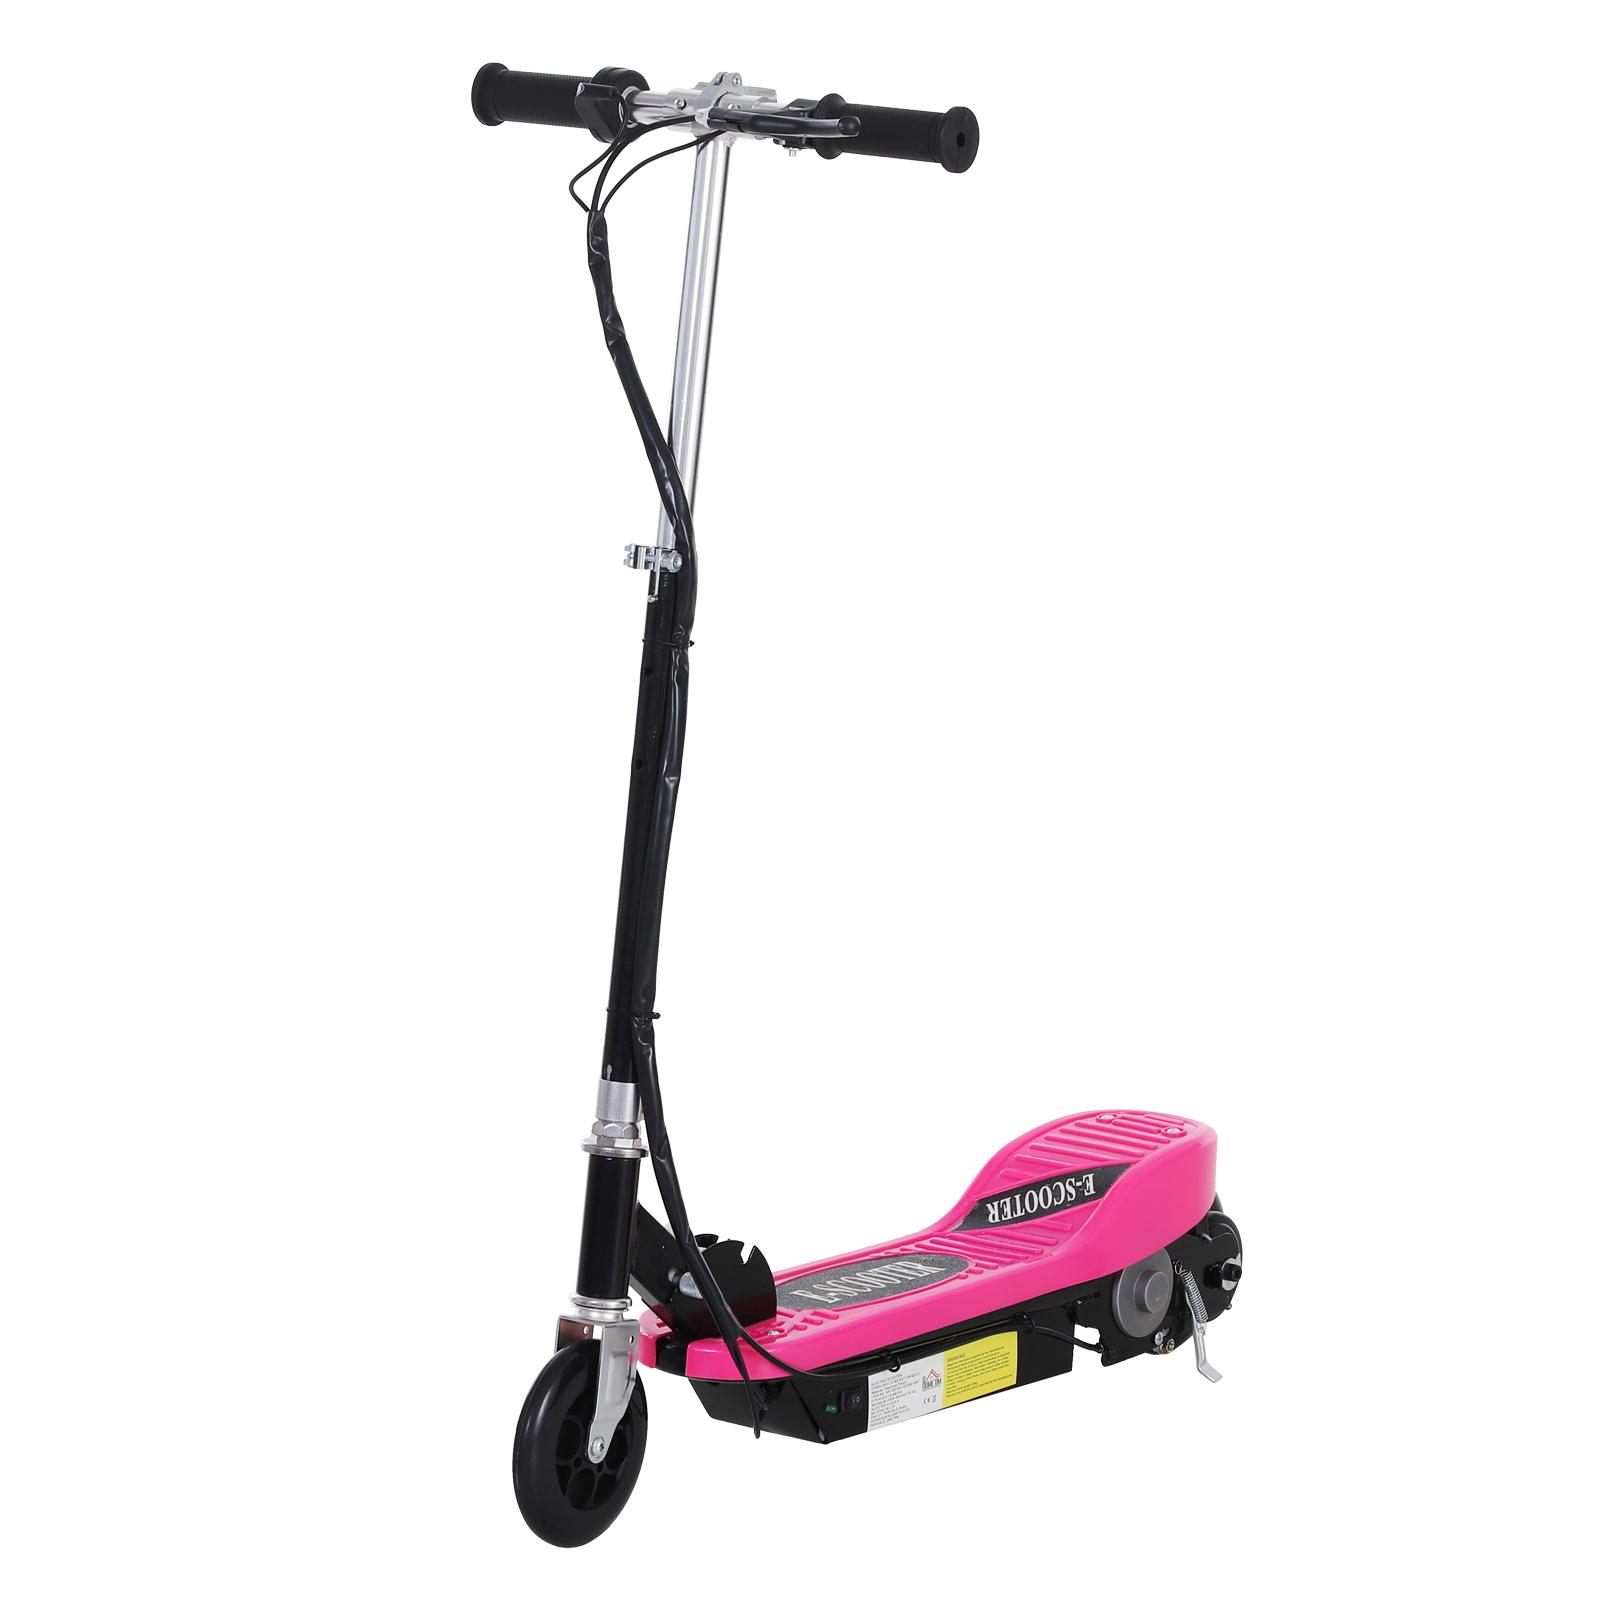 Patinete-Plegable-con-Manillar-Ajustable-tipo-Scooter-Electrico-de-Acero-Nuevo miniatura 39